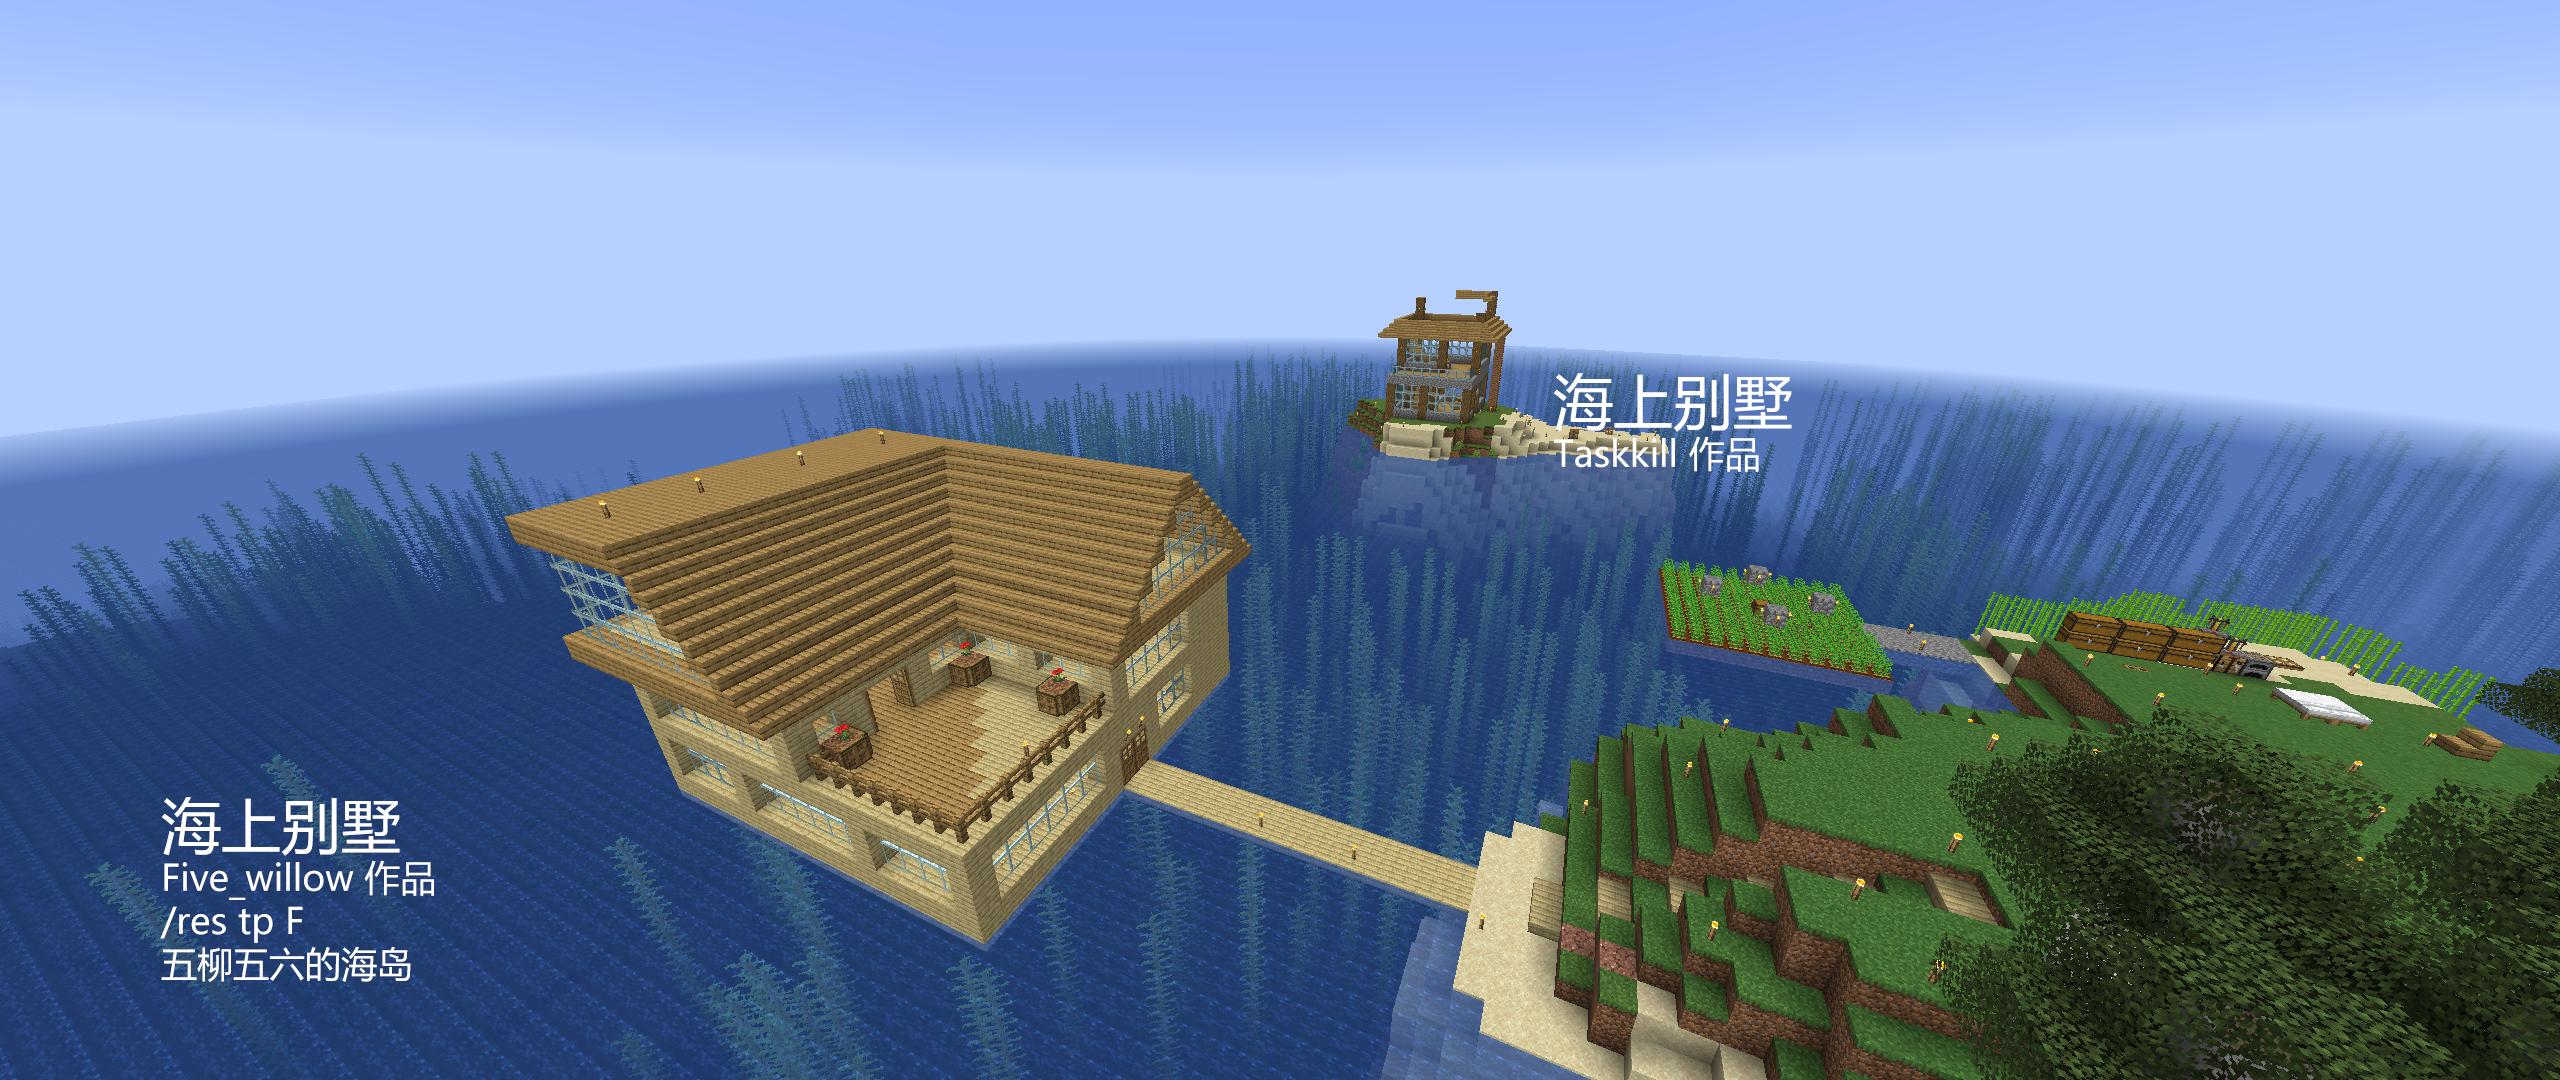 五柳五六和狗蛋的海上别墅